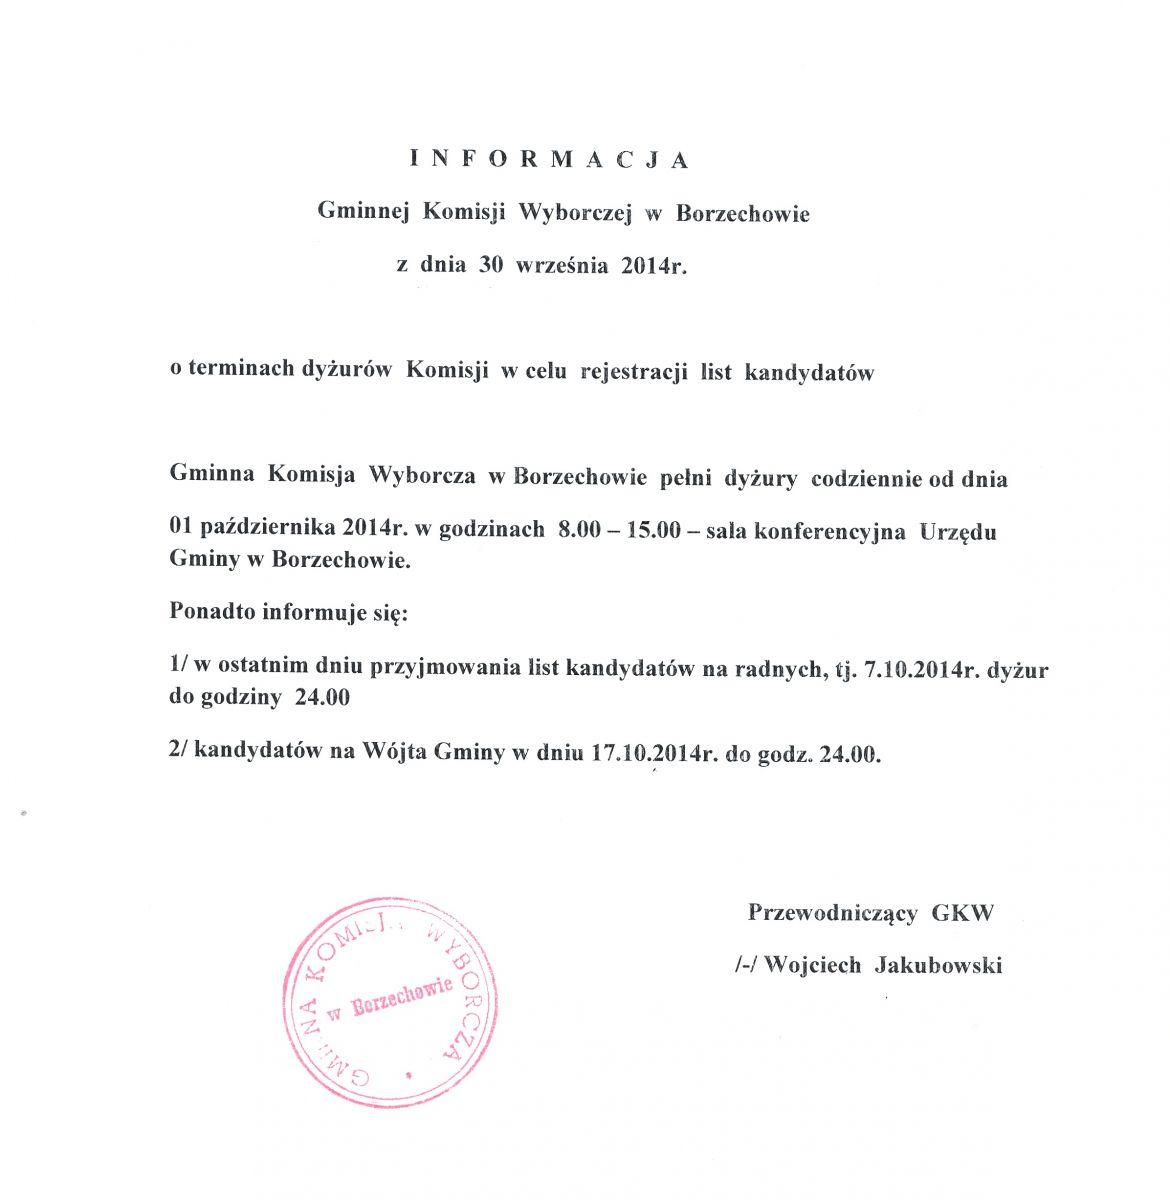 Skład Komisji Wyborczej